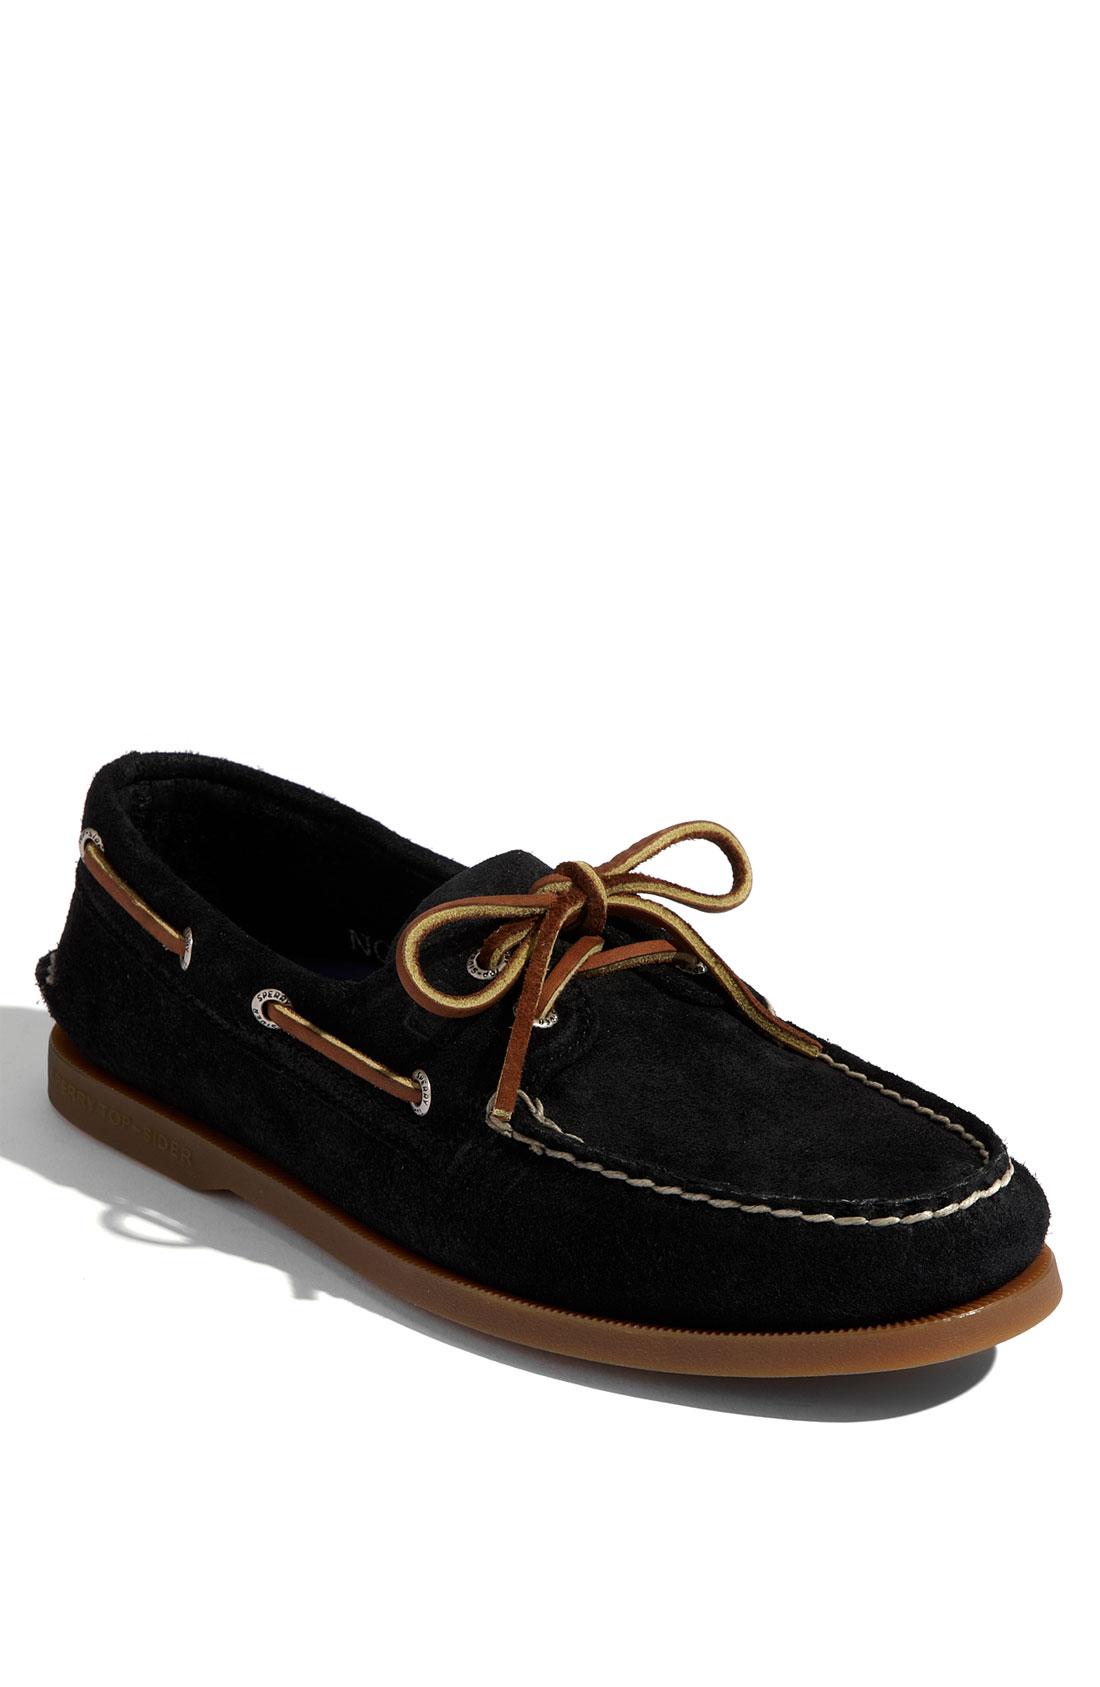 Black Boat Shoes 28 Images Wbkqxg97 Discount